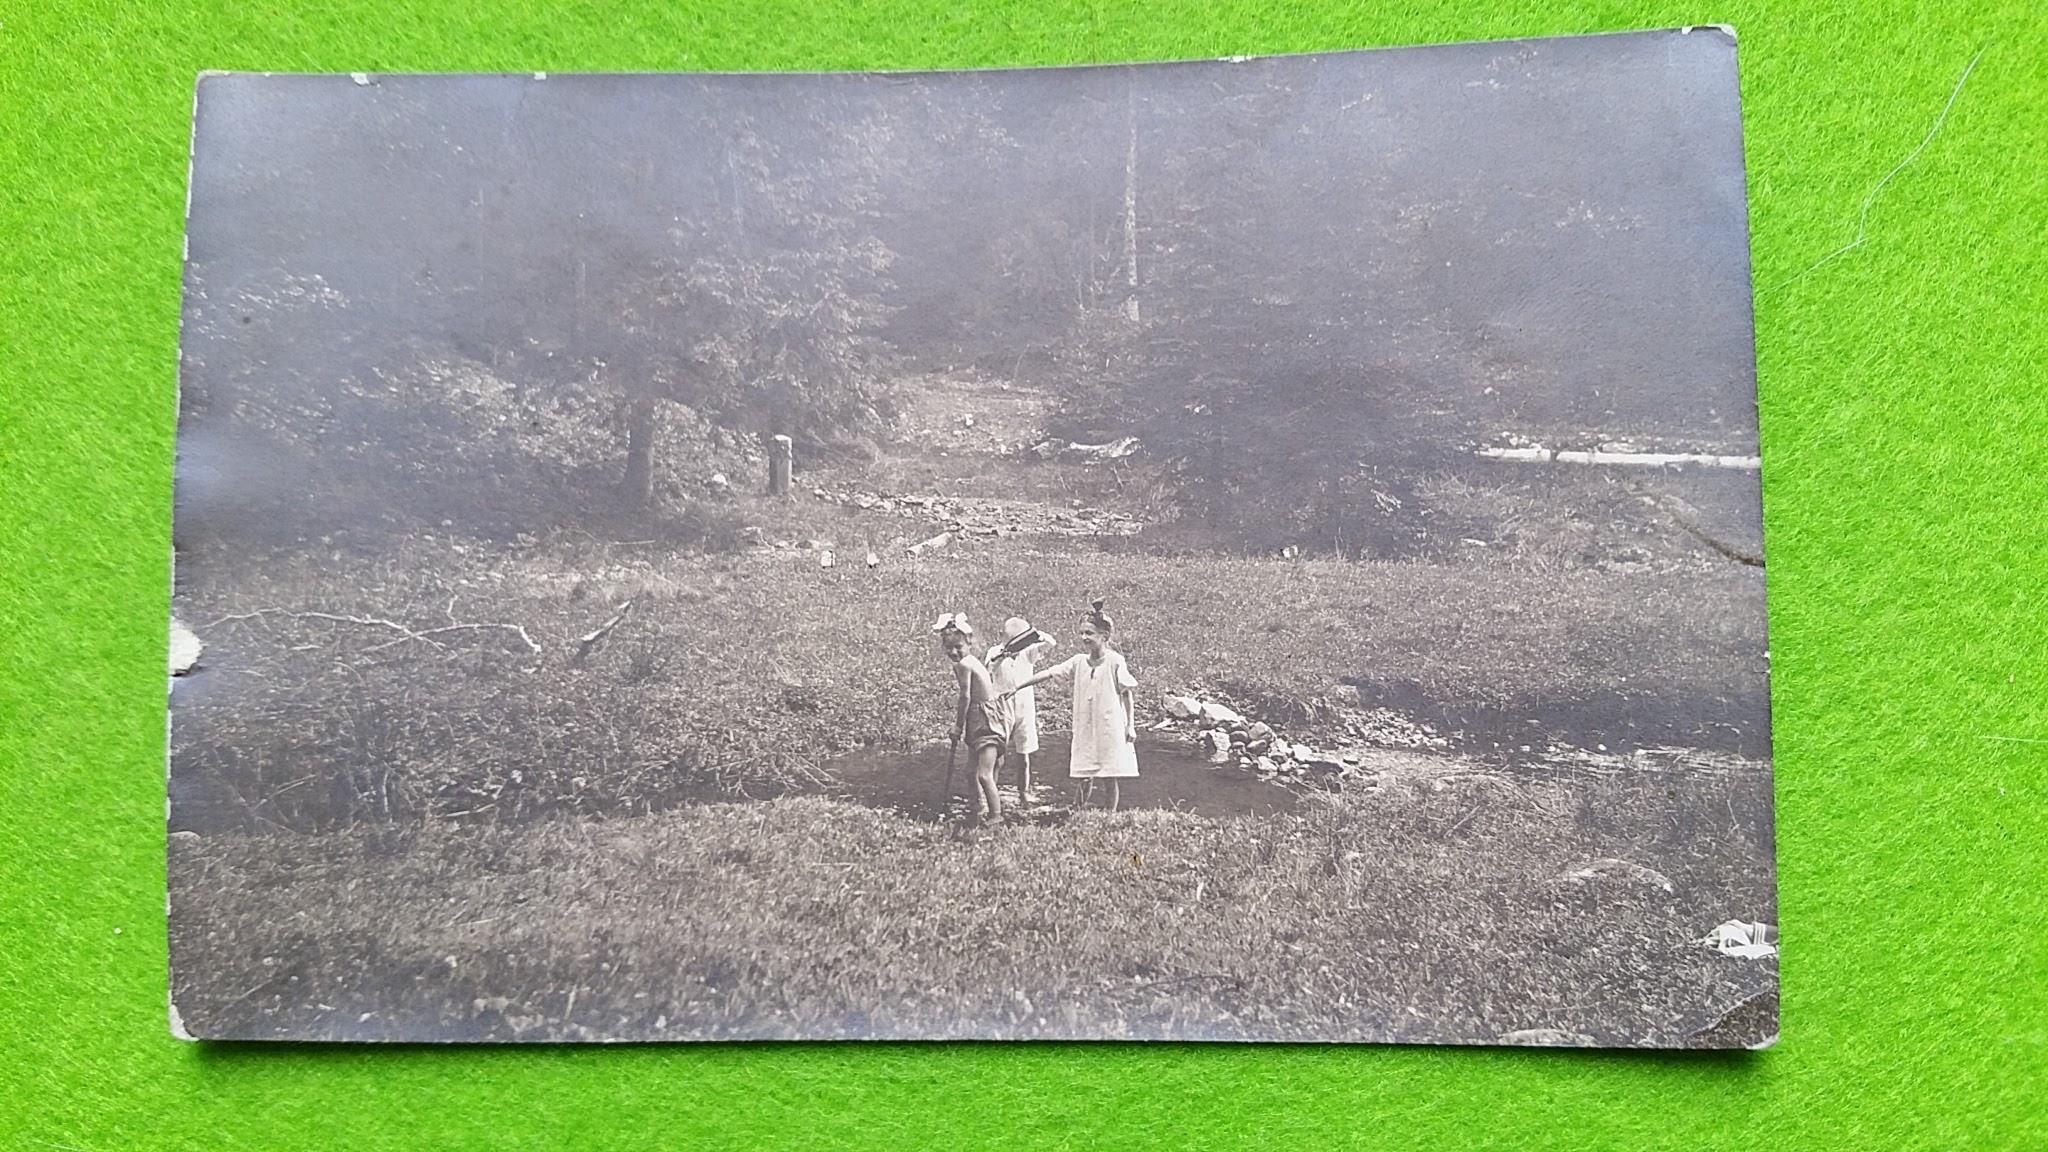 Badespaß, Erfurt Steiger, 1916 oder 1917